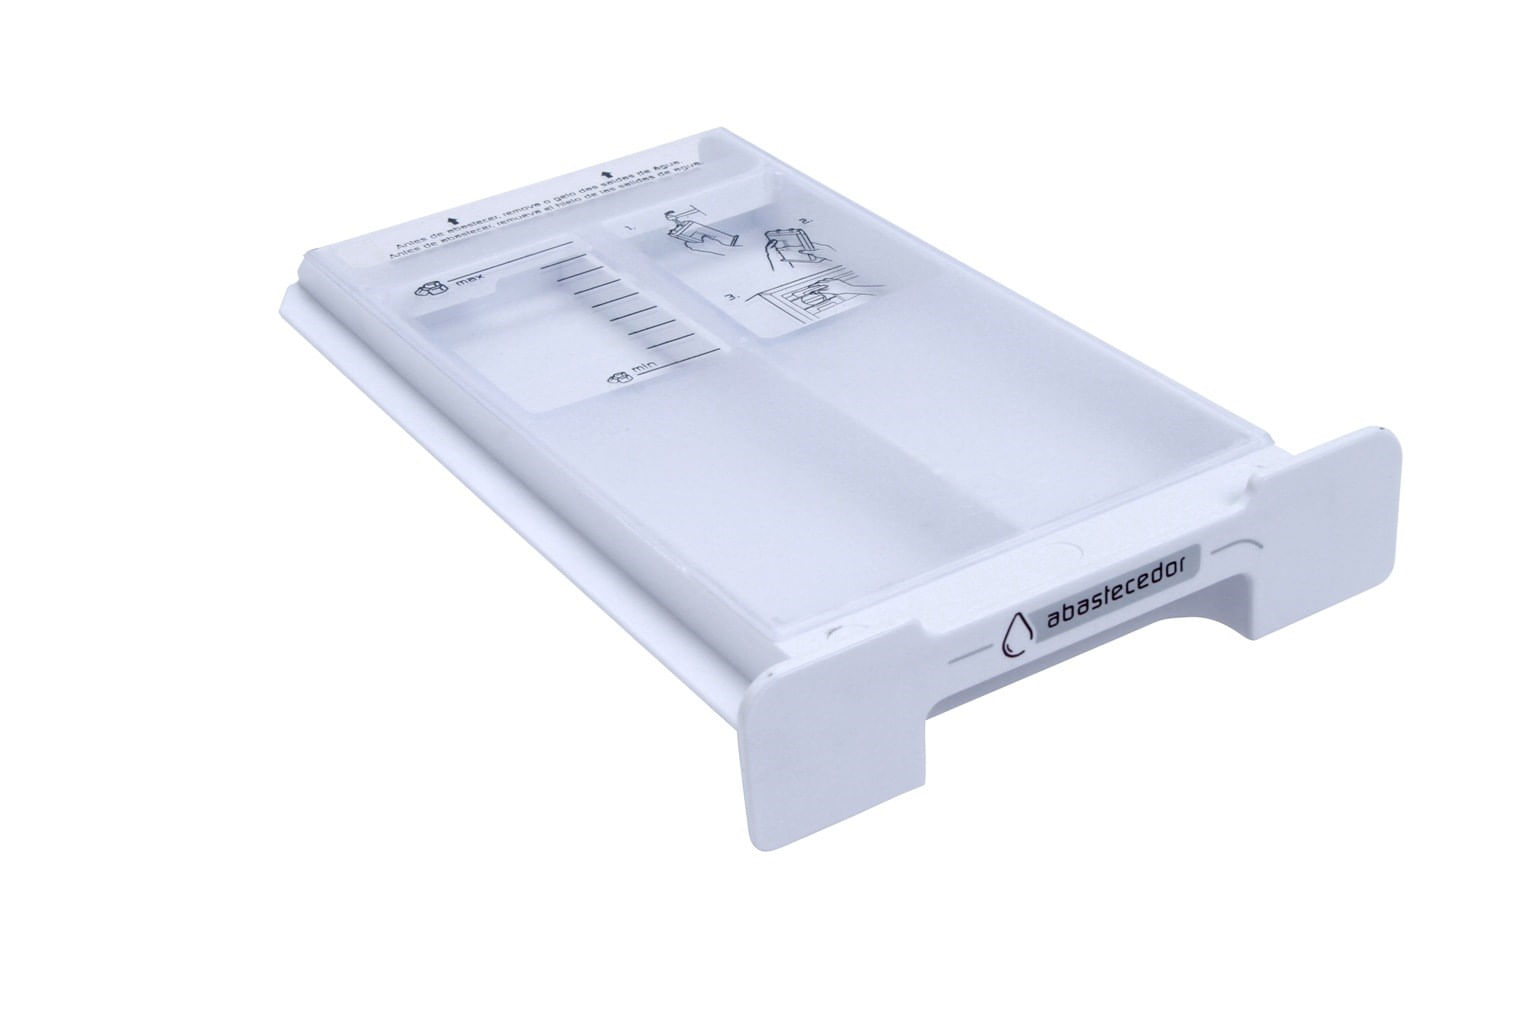 Abastecedor de Gelo Brastemp - W10437111